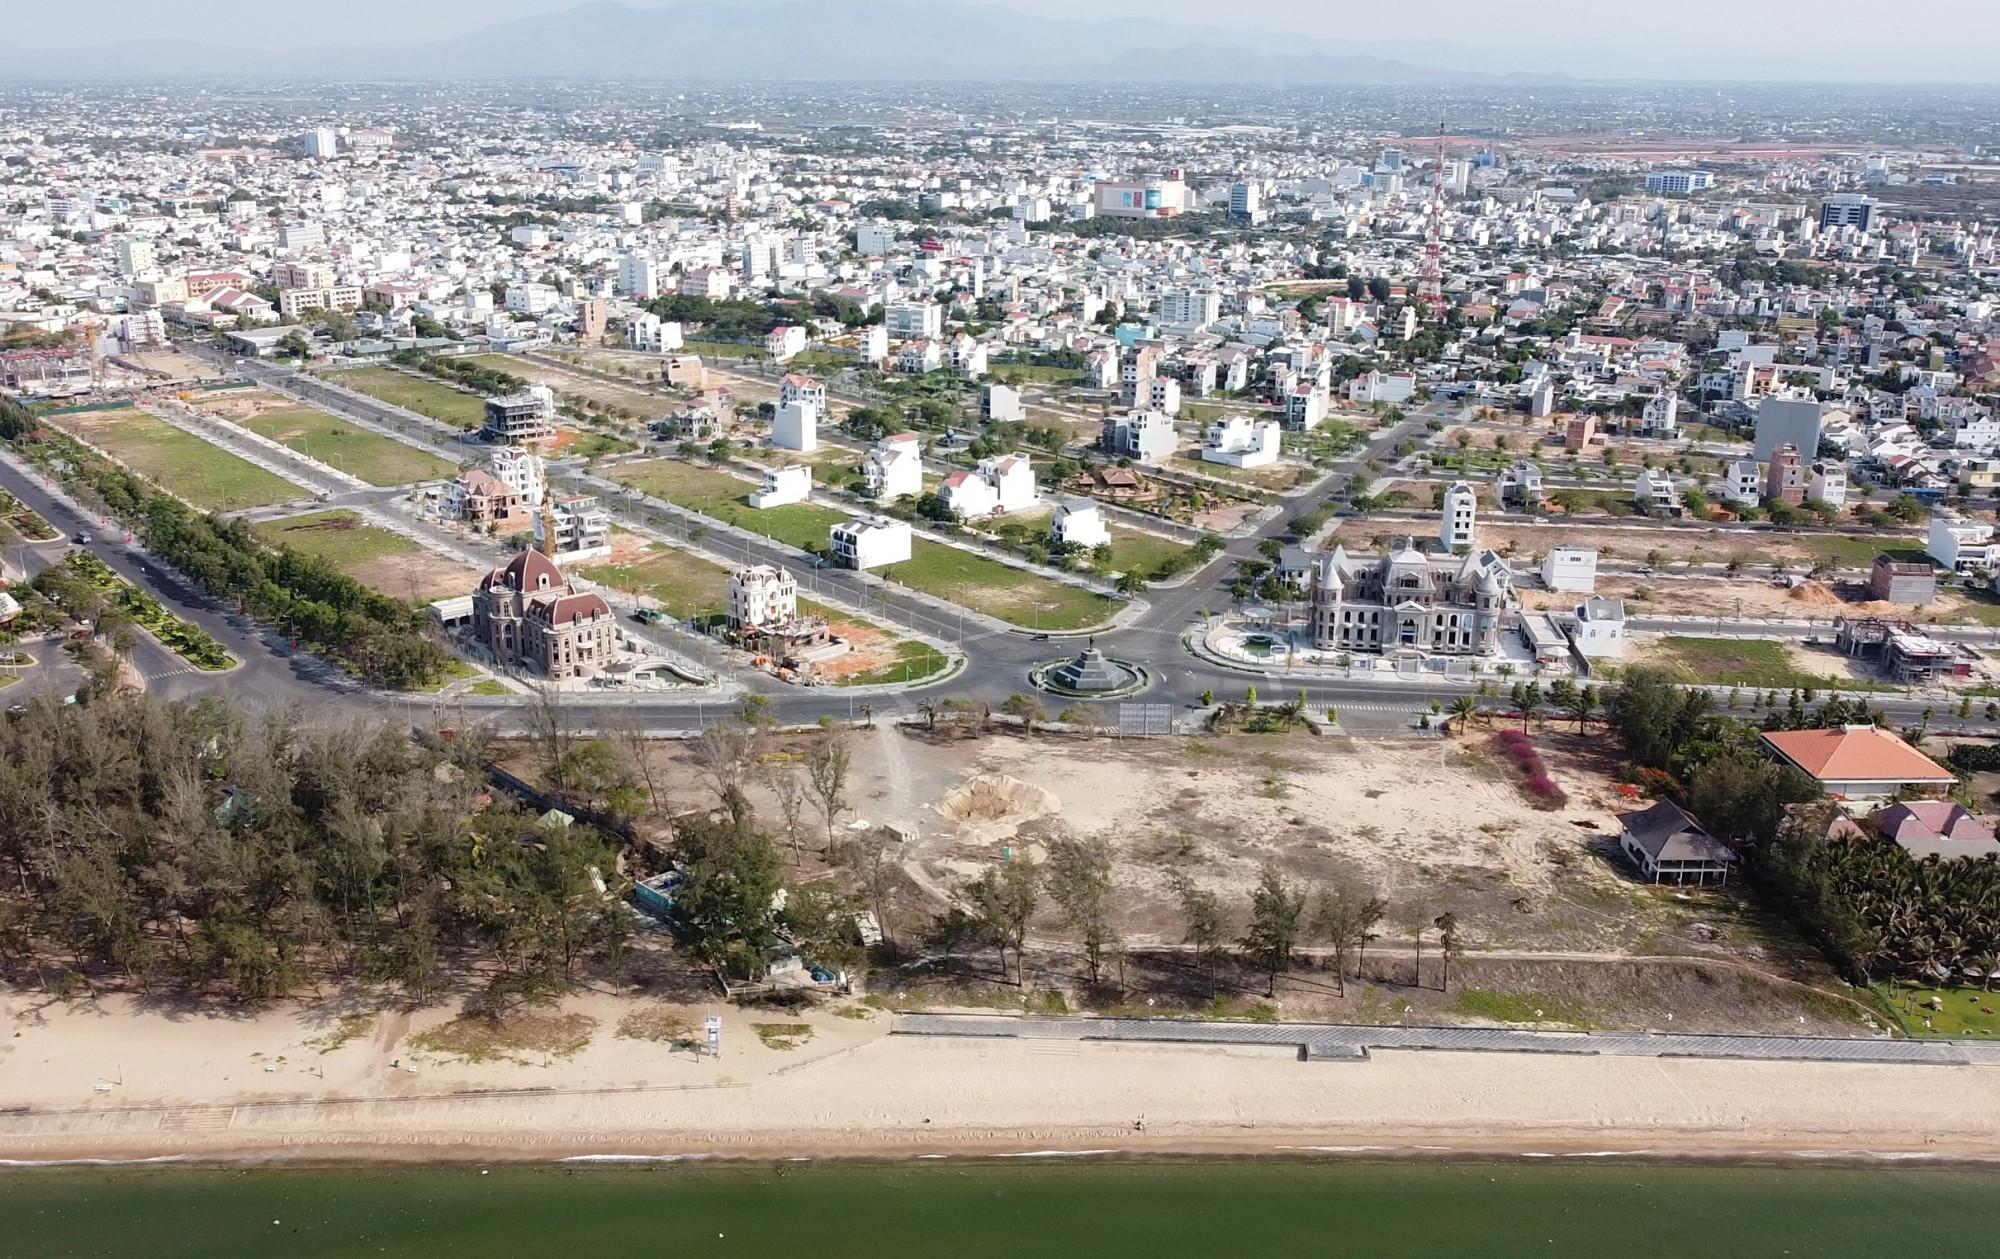 Khu đô thị du lịch biển Phan Thiết trước đây là dự án sân golf Phan Thiết thuộc 9 dự án bị đề nghị cung cấp hồ sơ. (Ảnh: Khải An).